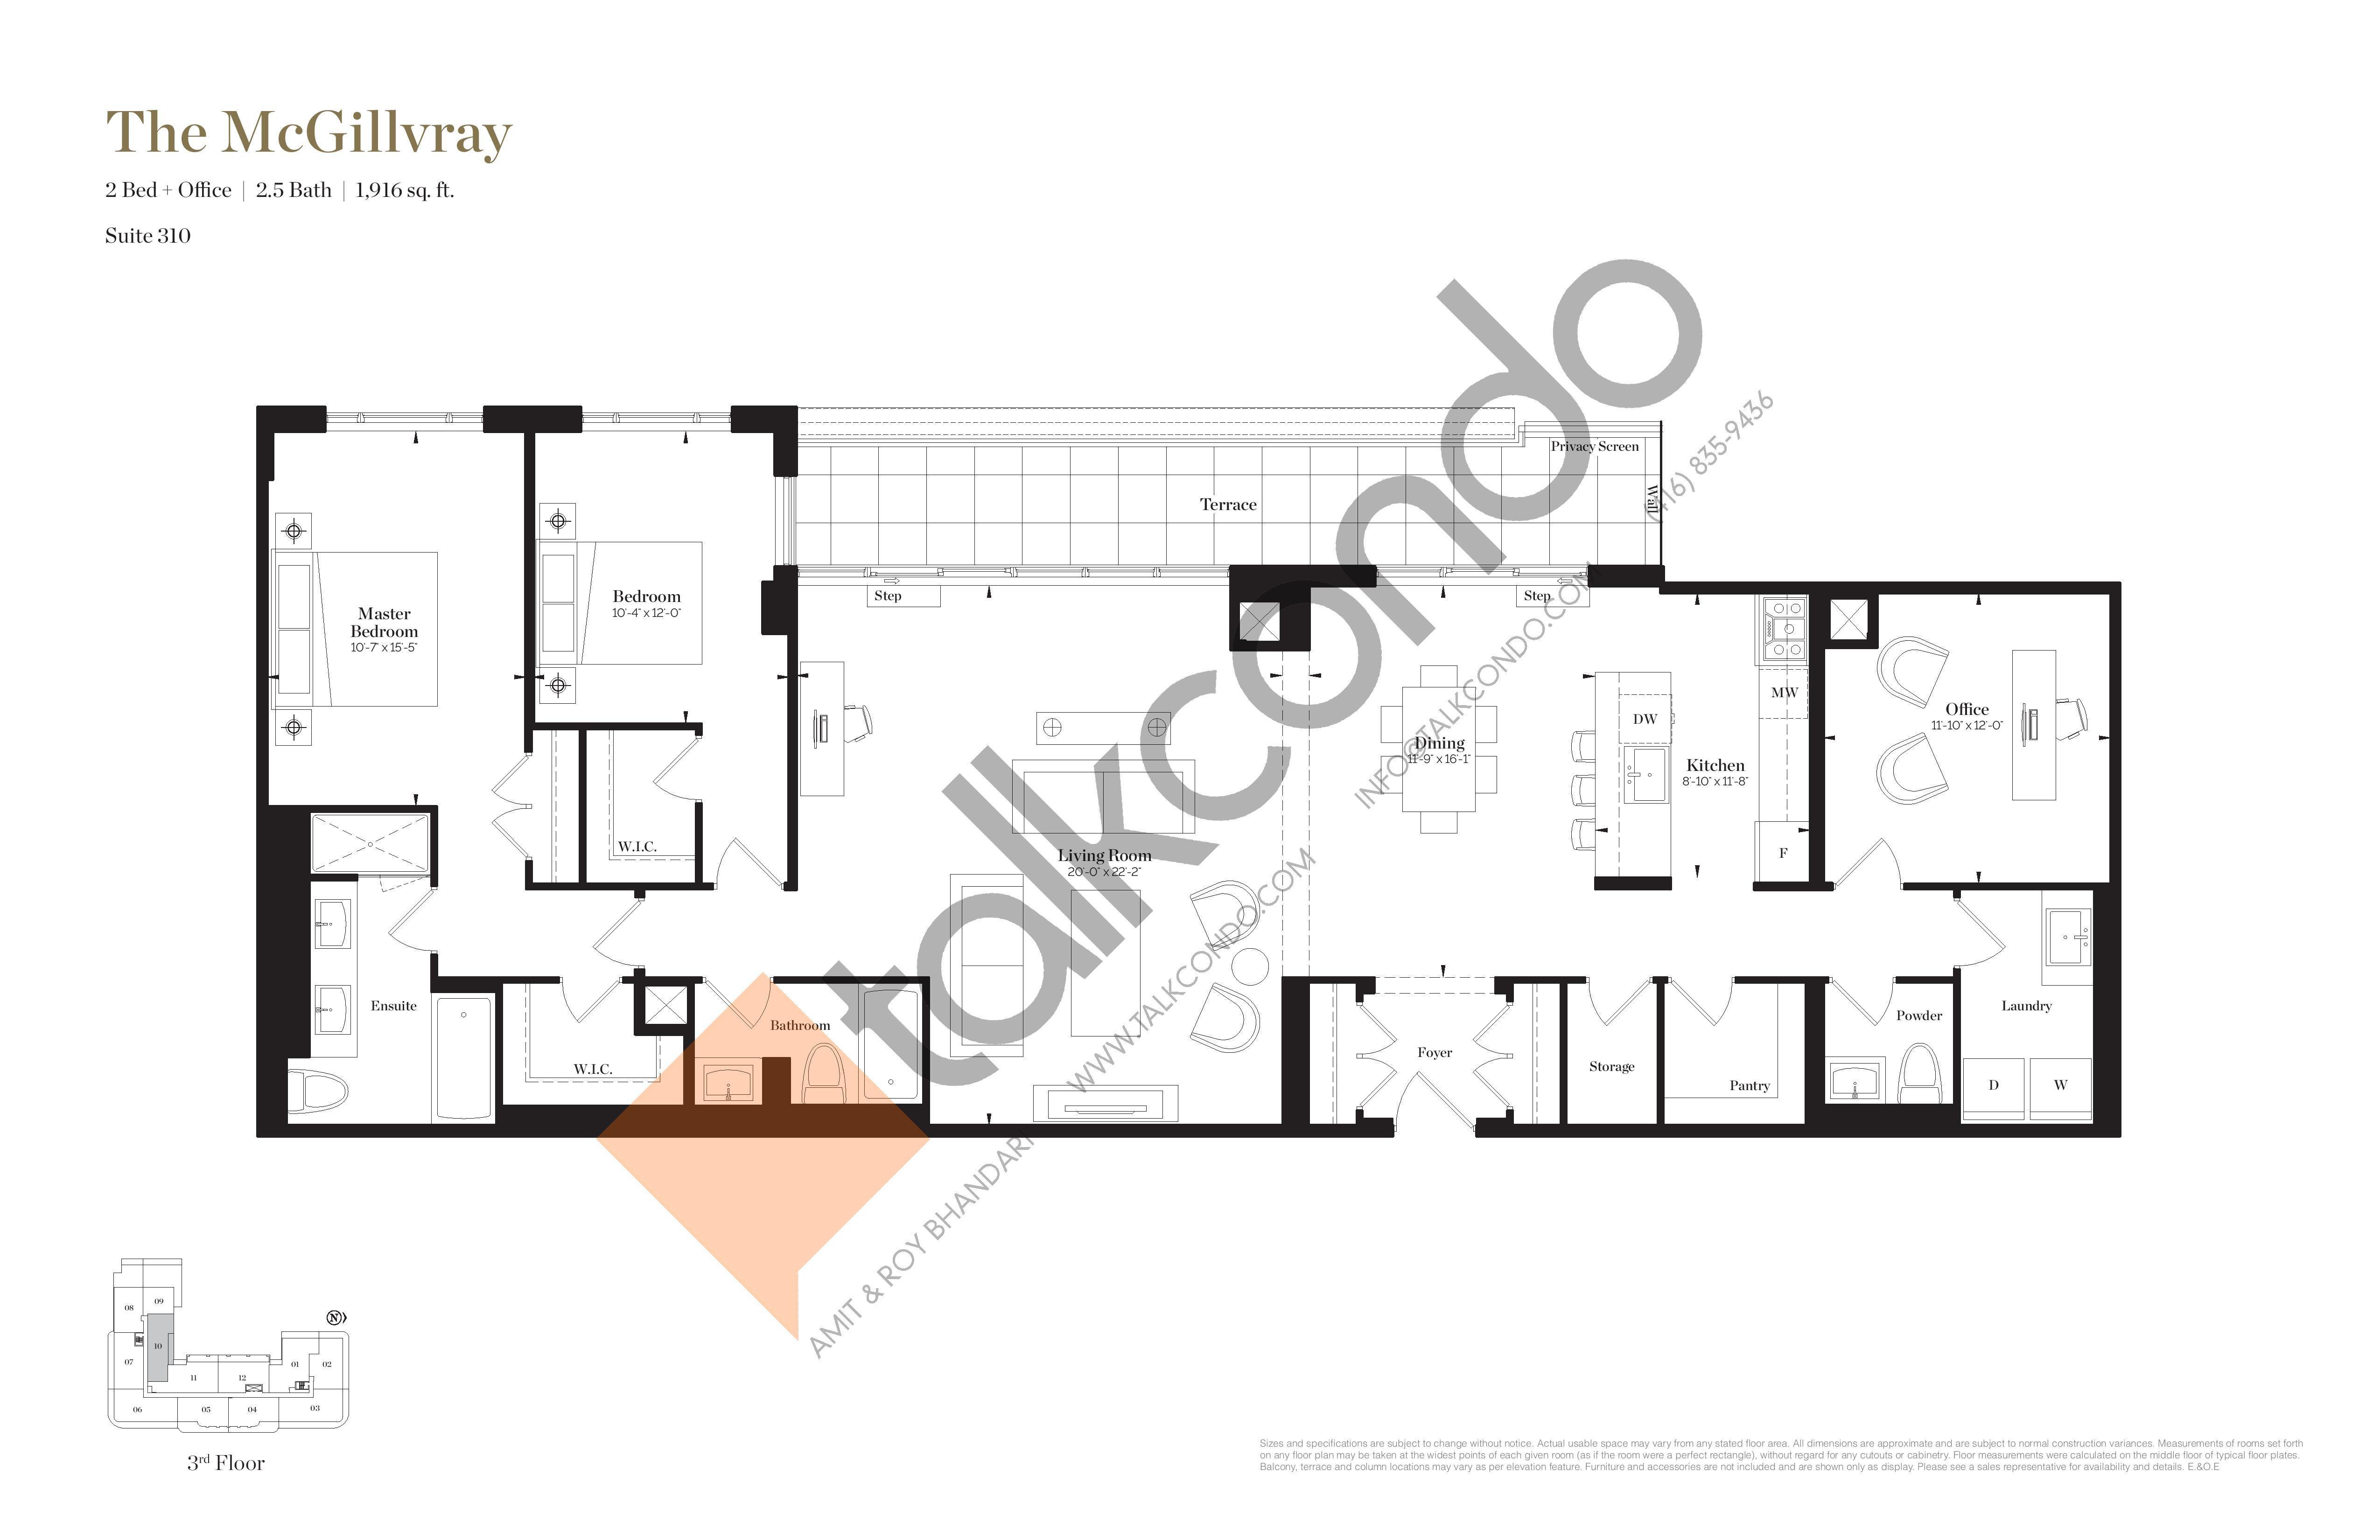 The McGillvray Floor Plan at Empire Maven Condos - 1916 sq.ft